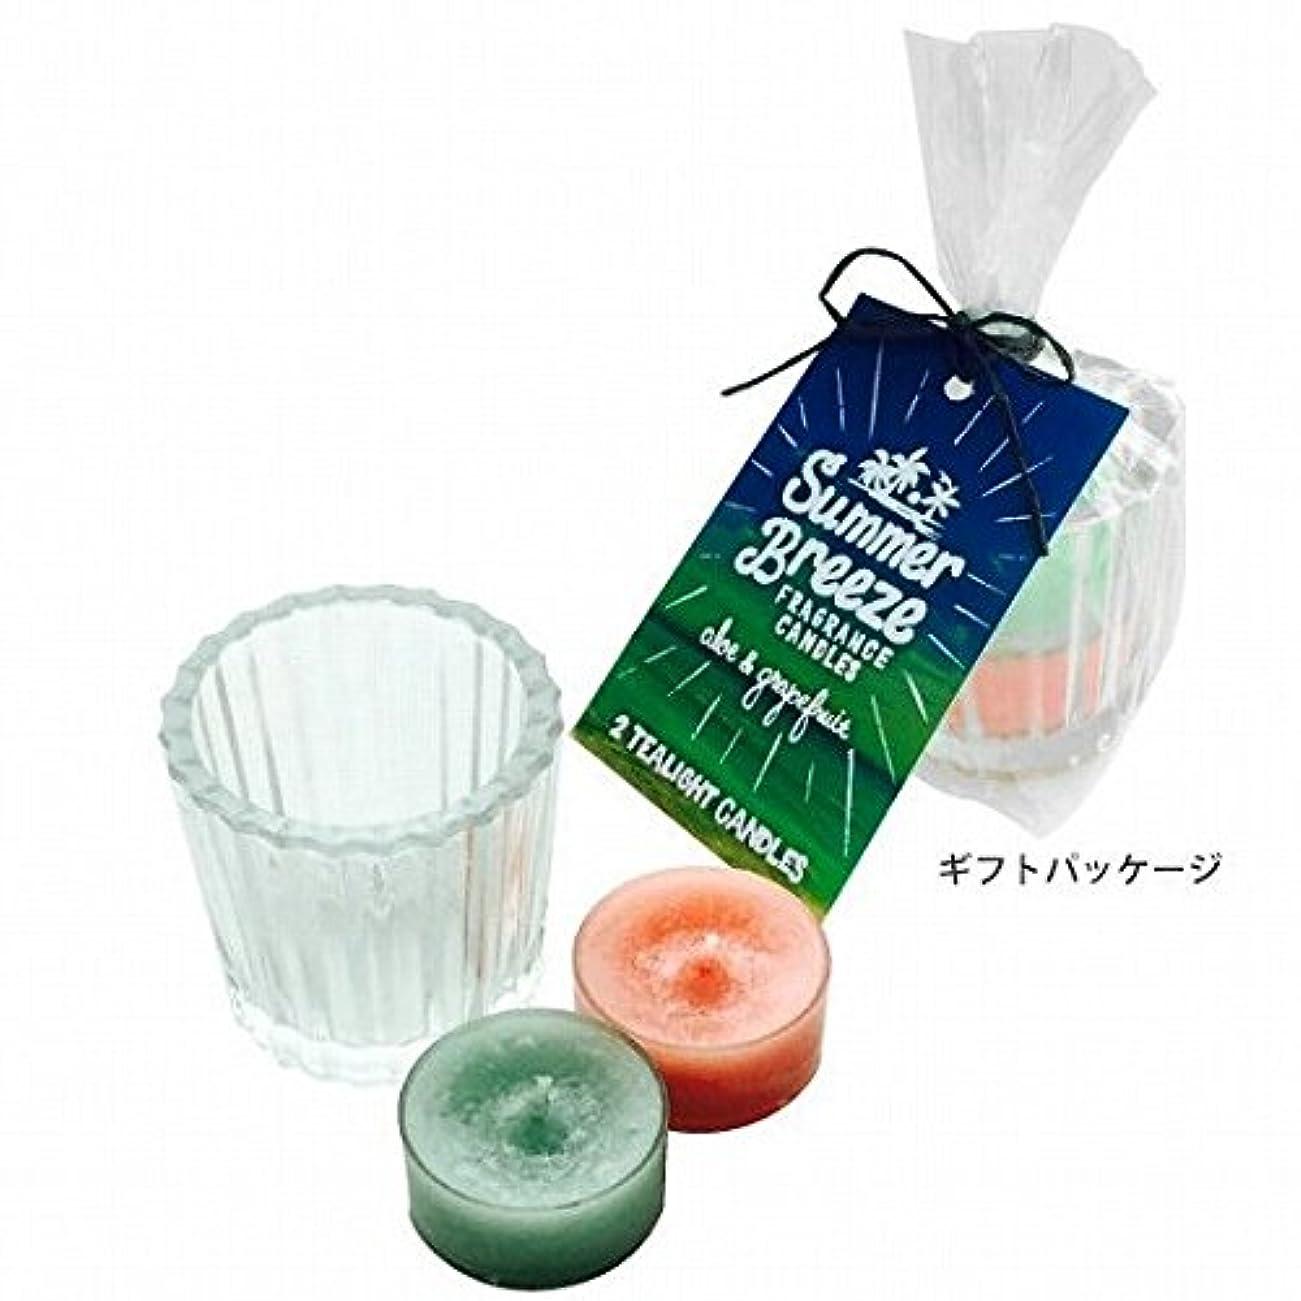 オデュッセウス軽減歯車kameyama candle(カメヤマキャンドル) サマーブリーズティーライトキャンドルセット(K5090001)